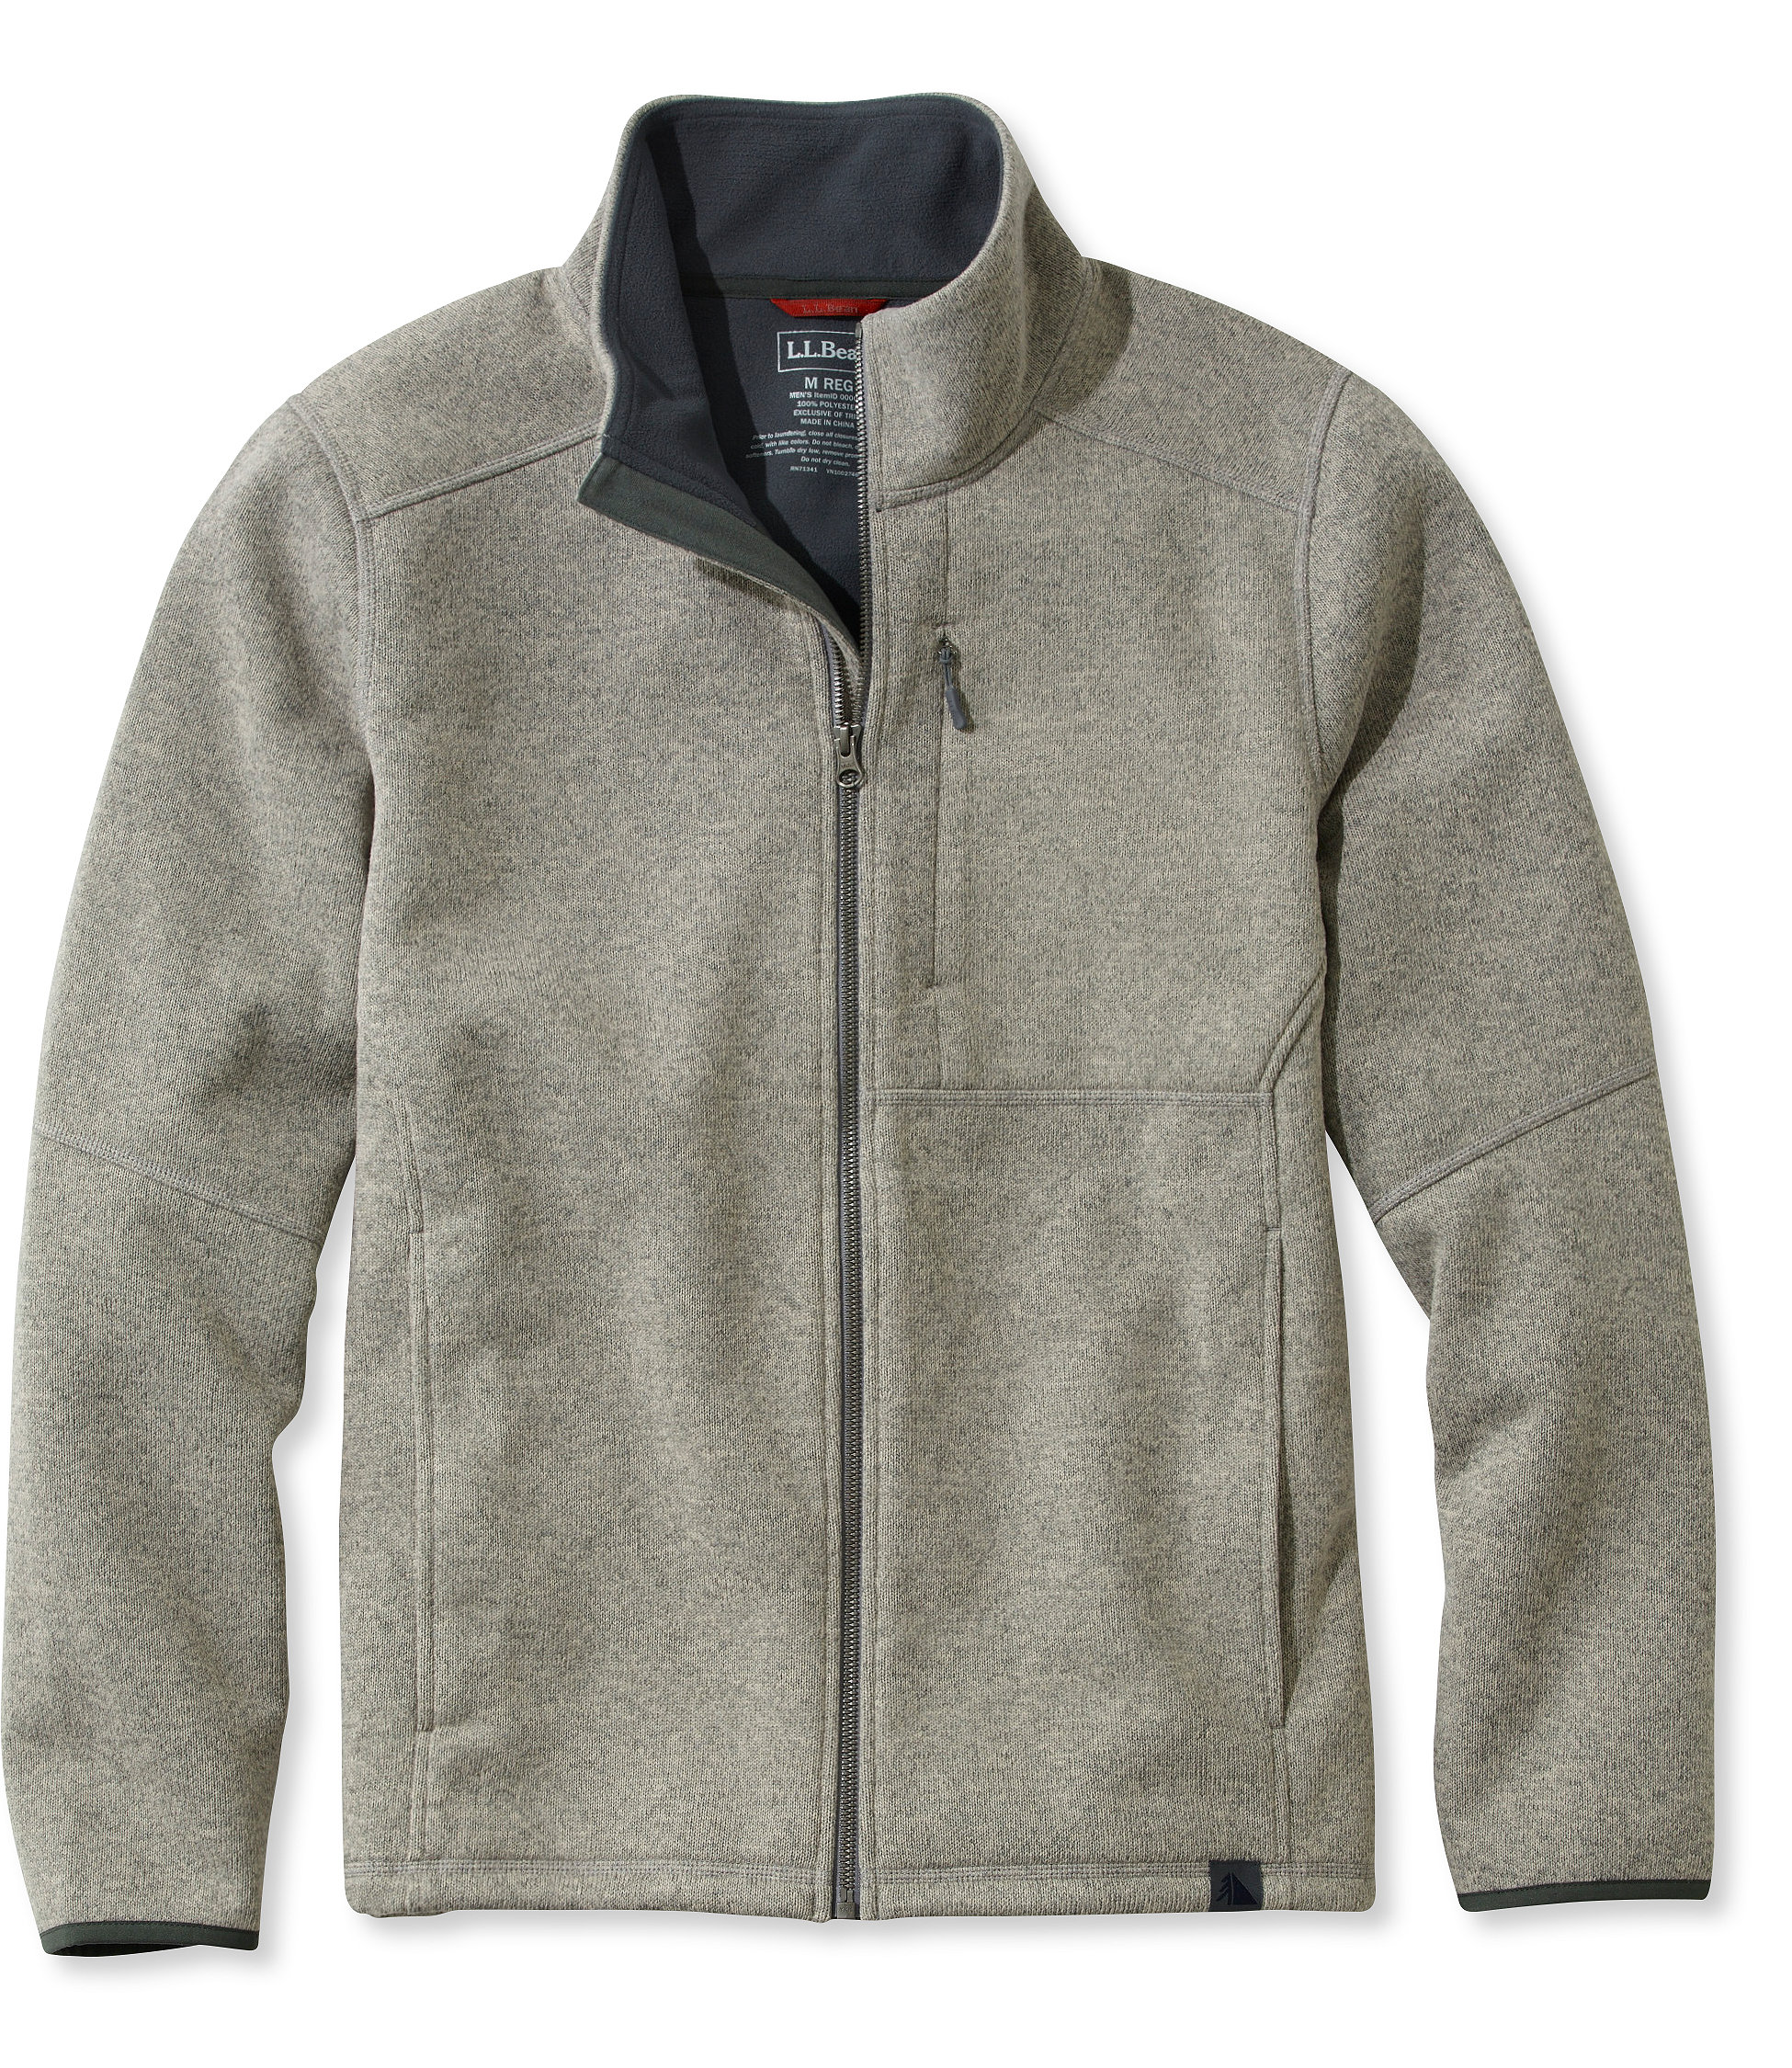 L.L.Bean Windproof Sweater Fleece